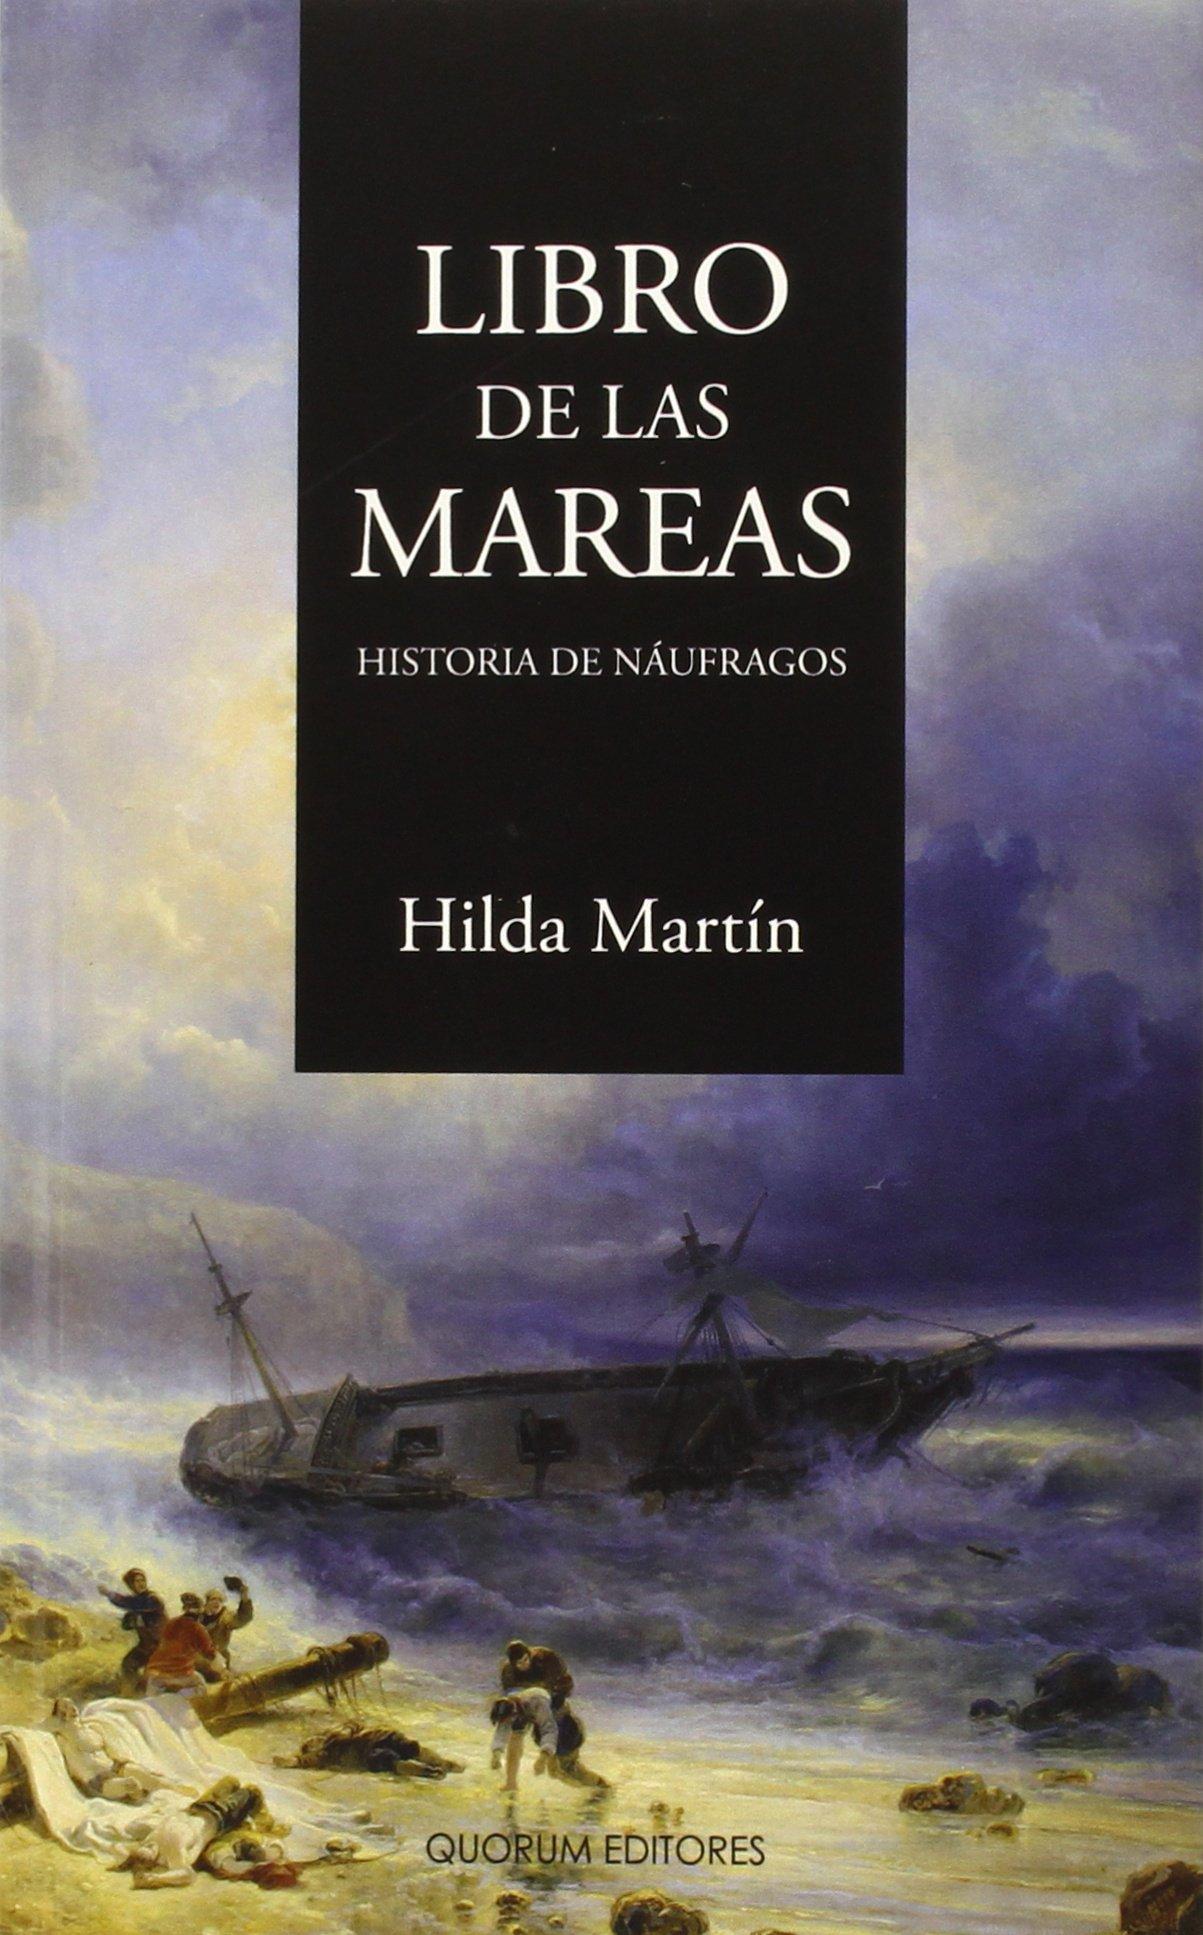 Libro de las mareas: Historia de náufragos Marejada narrativa: Amazon.es: Hilda Martín García, Juan José Téllez Rubio: Libros